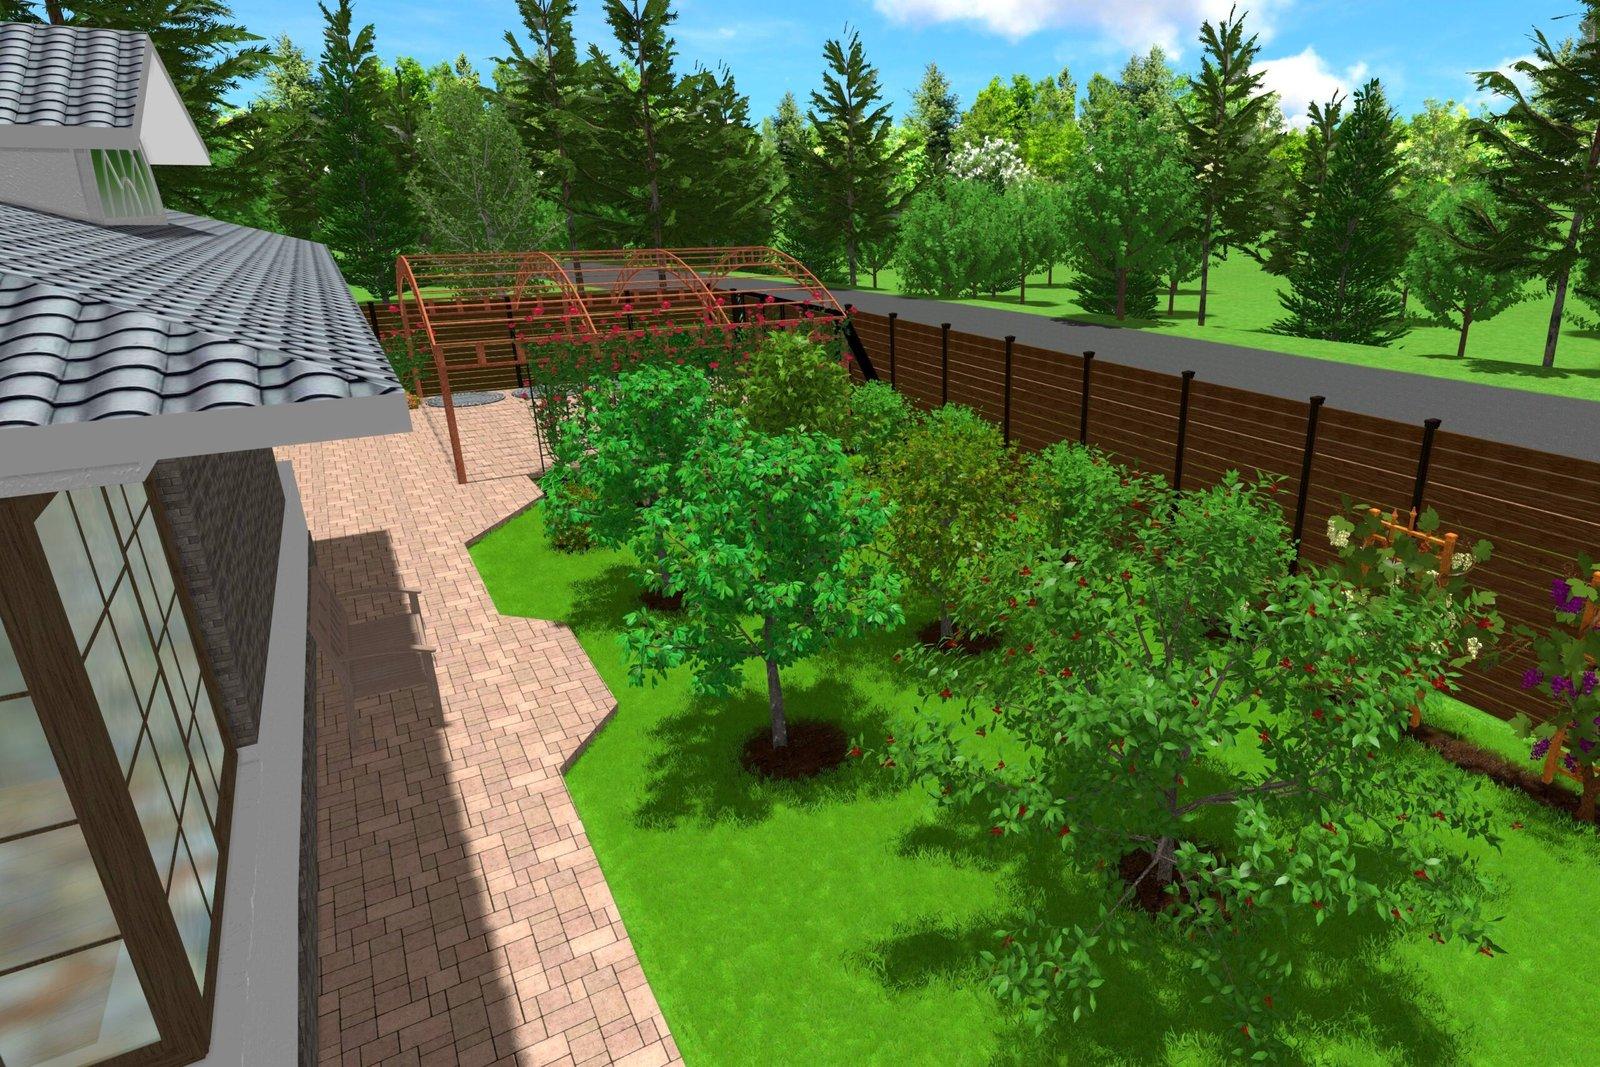 внутренний дворик участка, Загородный дом озеленение, хозяйственная зона на участке, огород в ландшафте,